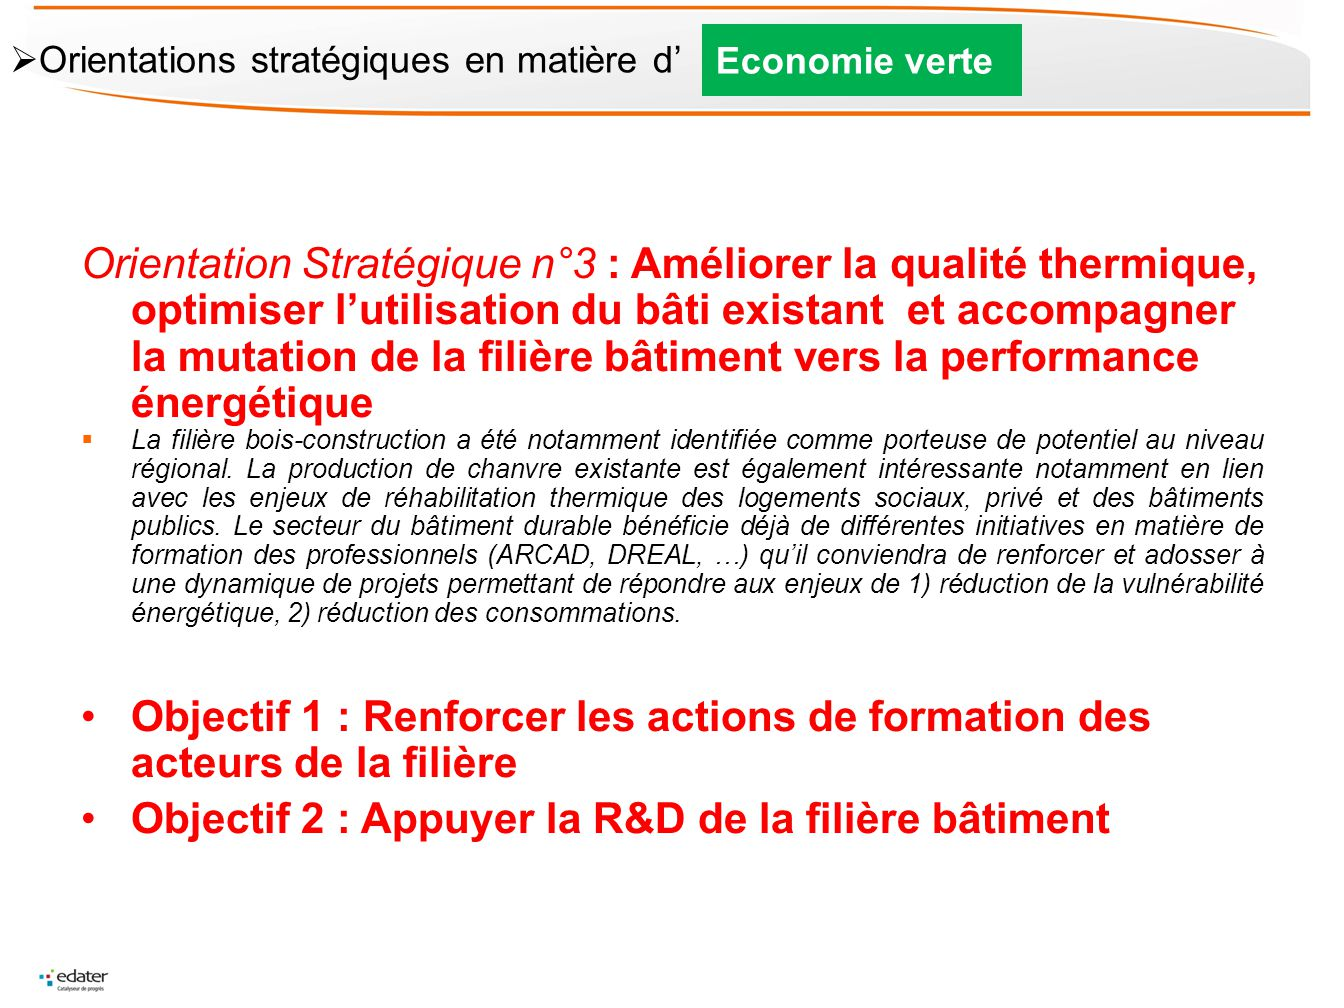 Objectif 2 : Appuyer la R&D de la filière bâtiment